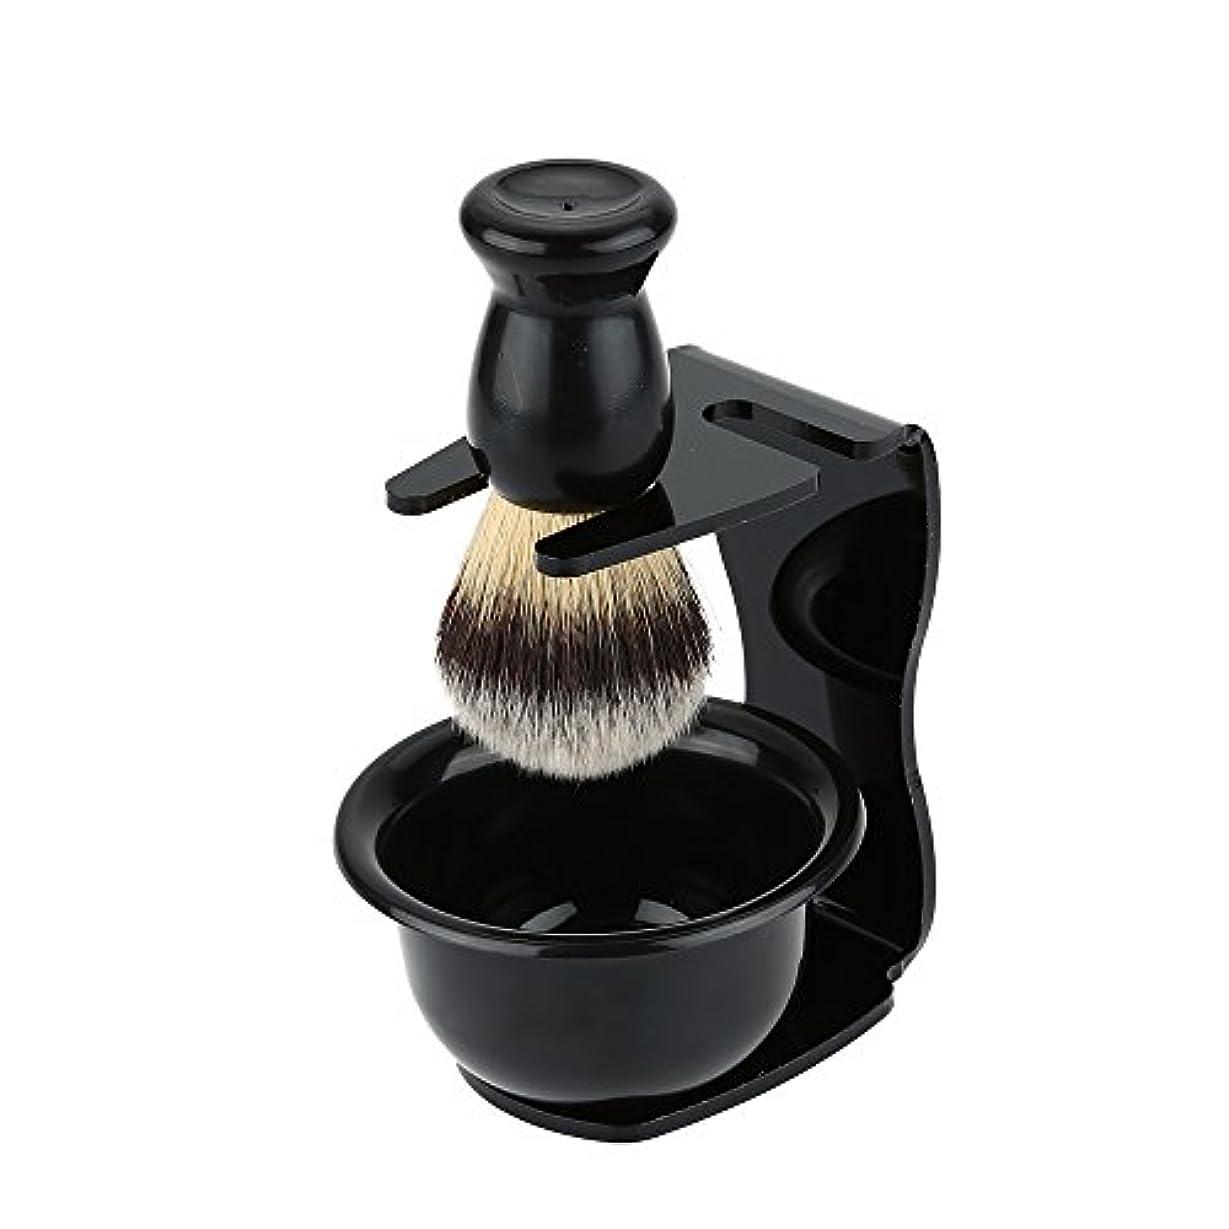 手数料虫を数える実用的Rakuby 3点セット シェービングブラシキット シェービングブラシ+スタンド+ ソープボウル 洗顔ブラシ 泡立ち 髭剃り 男性用 ダンナ 父親 父の日 プレゼント ブラシアクセサリー